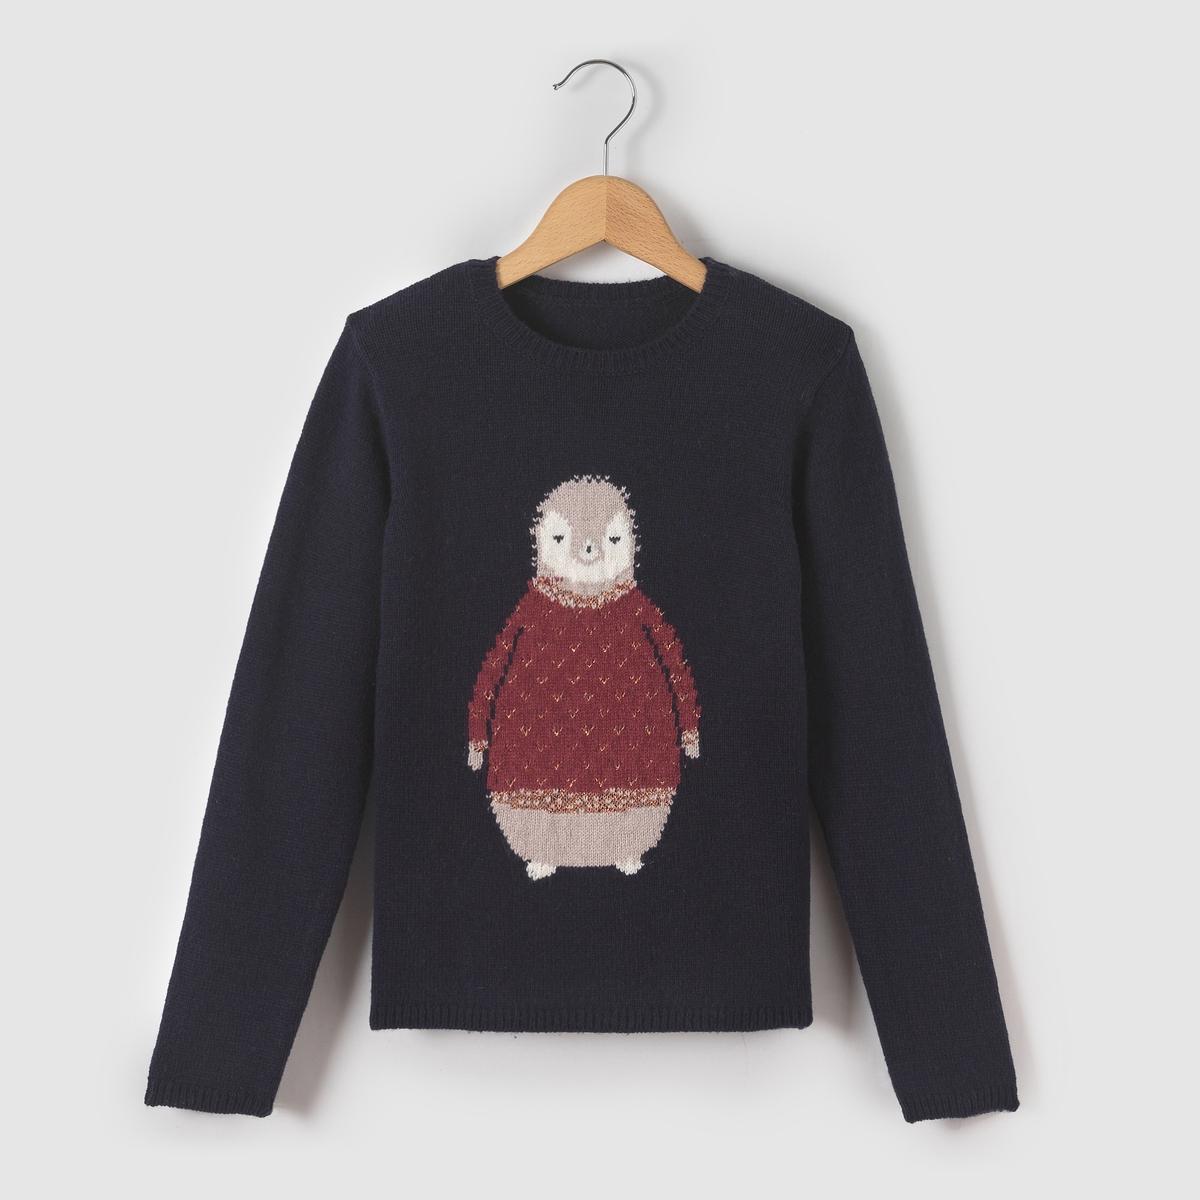 Пуловер с рисунком блестящий пингвин 3-12 лет